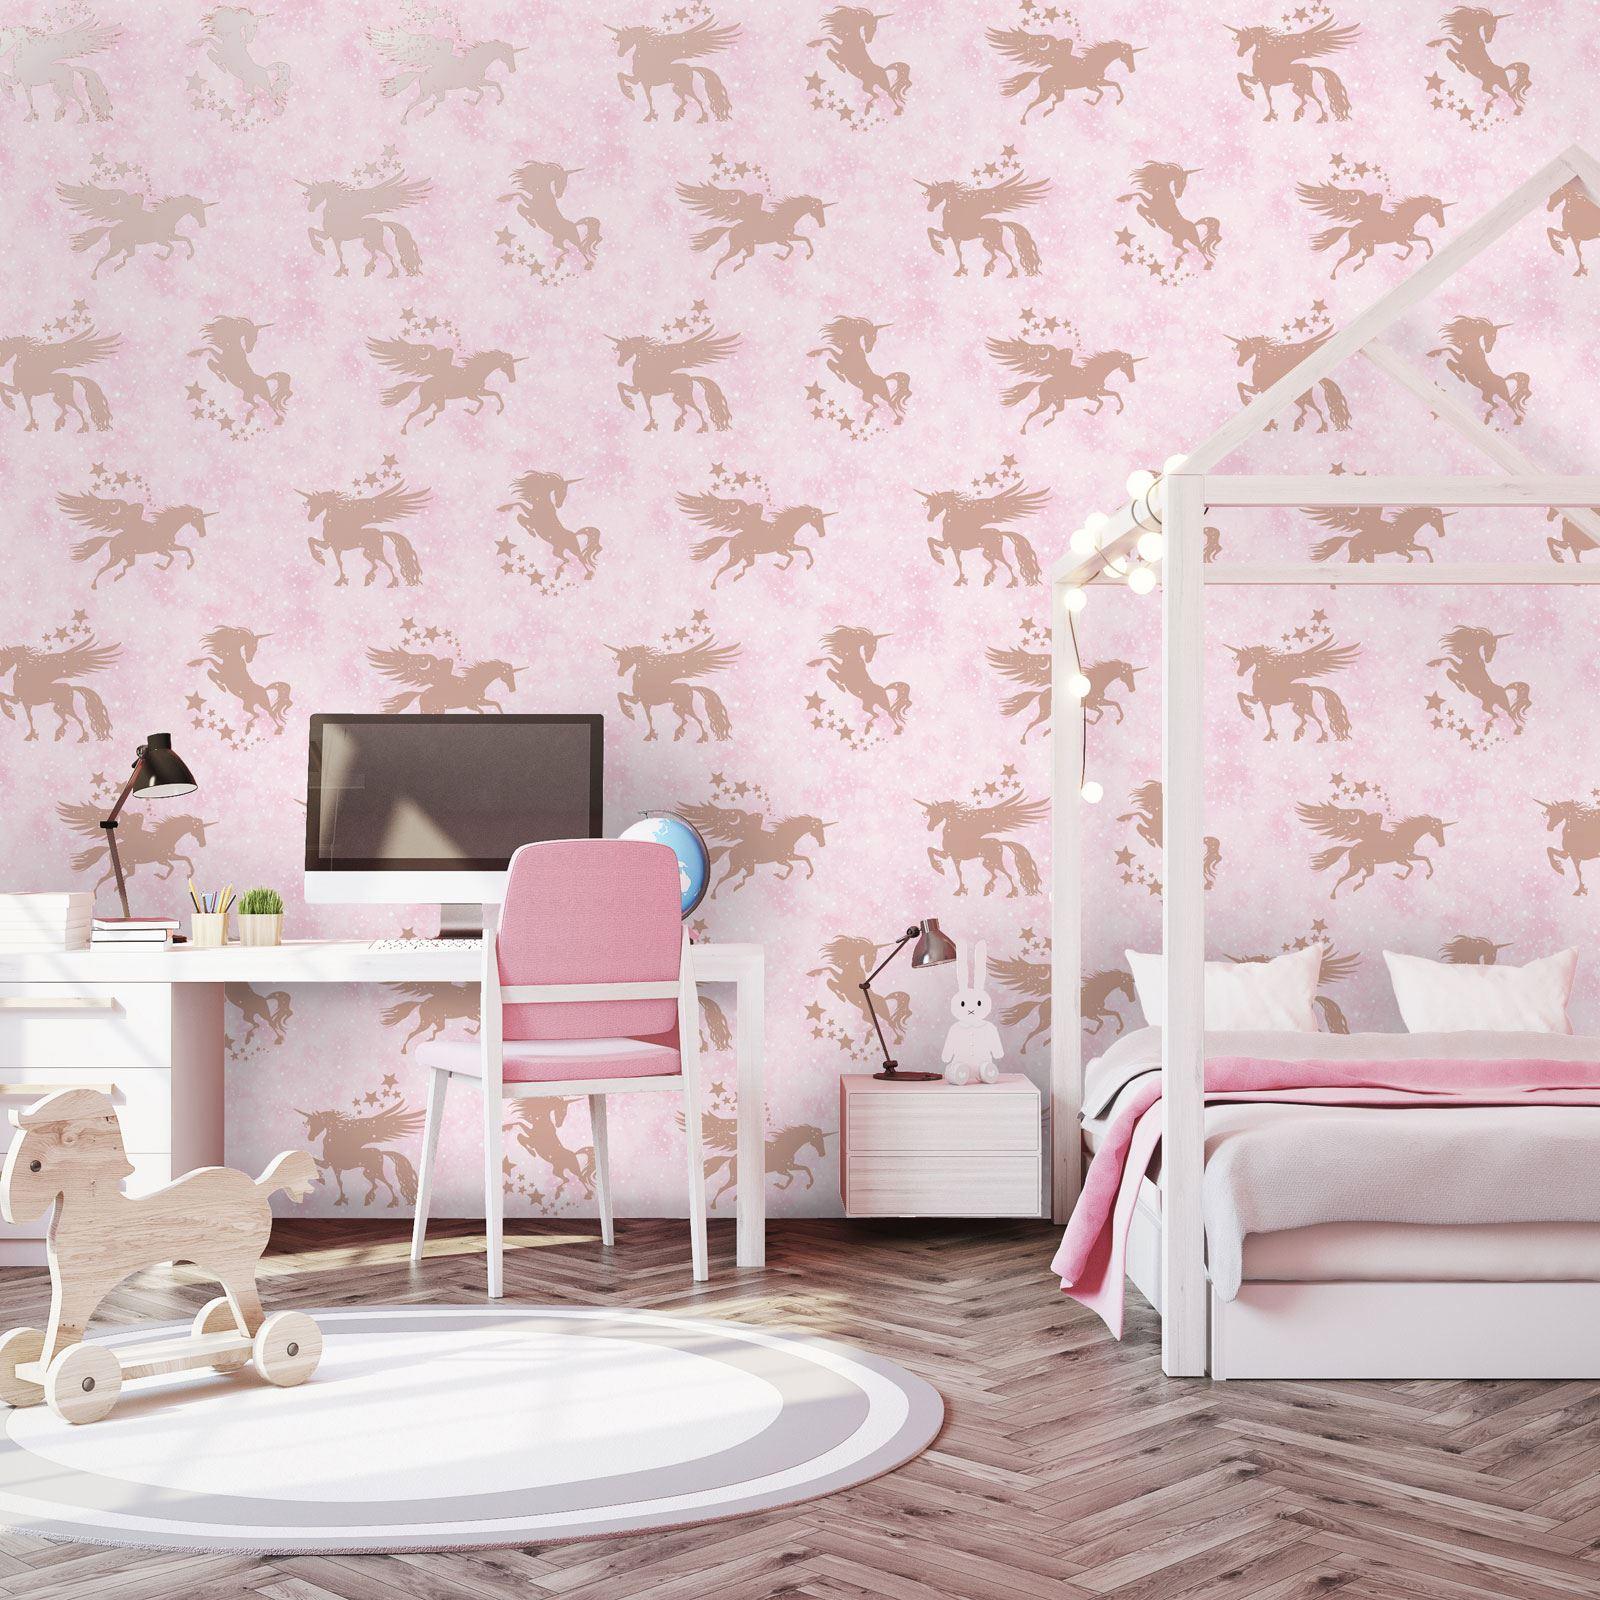 Details zu Einhörner Pferde Tapete Kinder Mädchen Schlafzimmer - Lila Rosa  Weiß Glitter